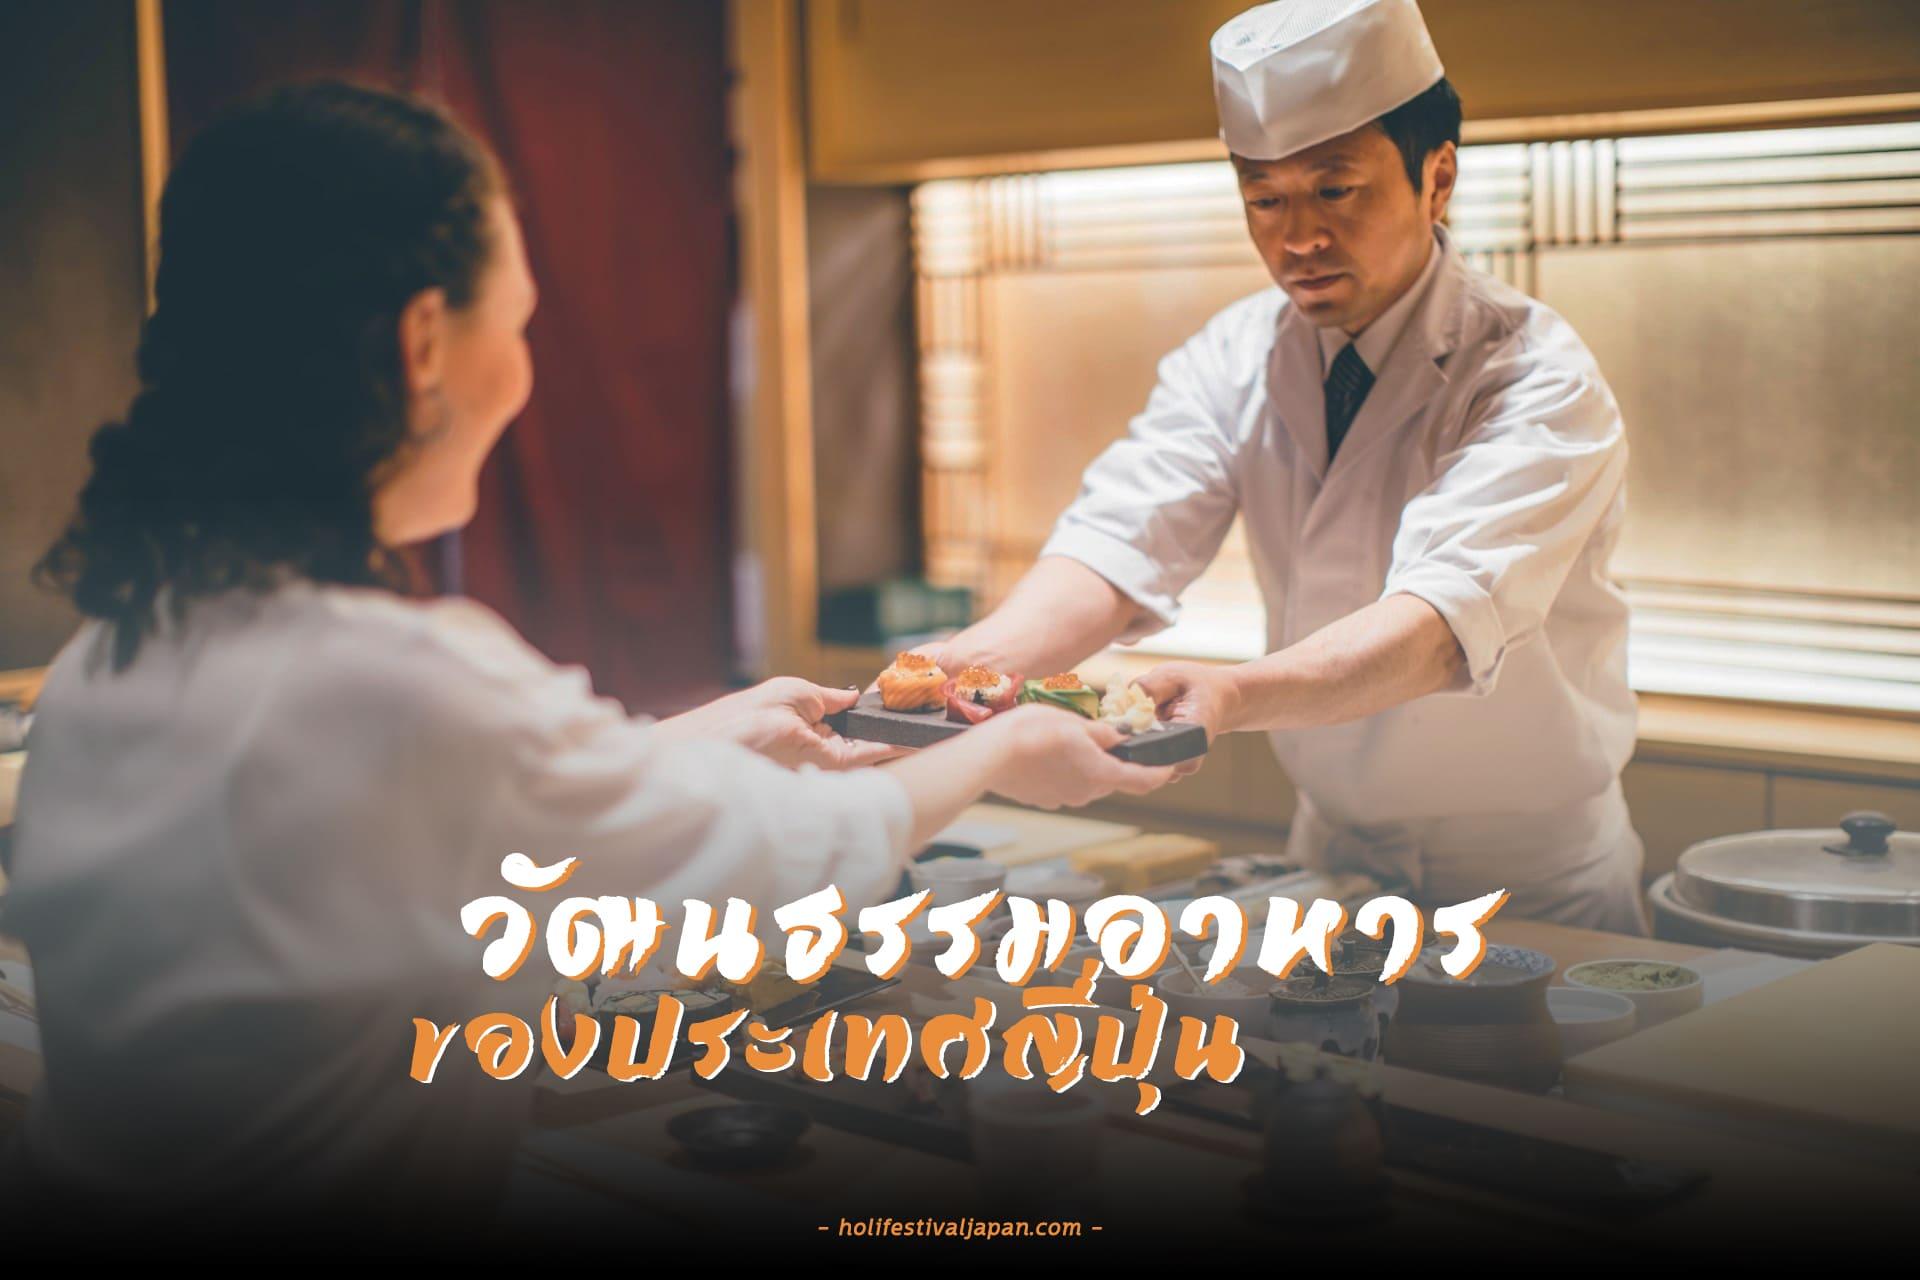 วัฒนธรรมอาหาร ของญี่ปุ่น